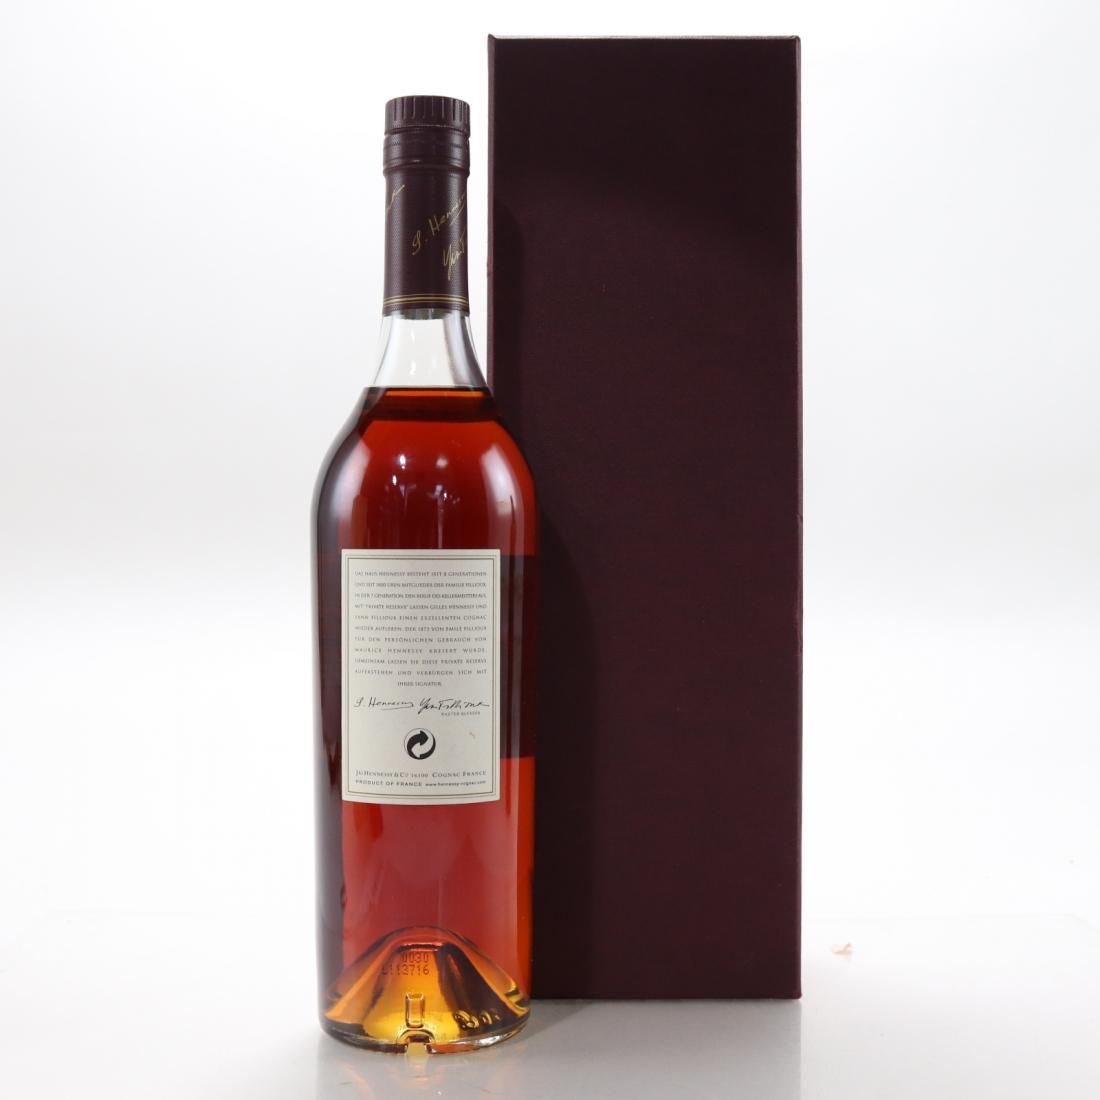 Hennessy Private Reserve Grande Champagne Cognac